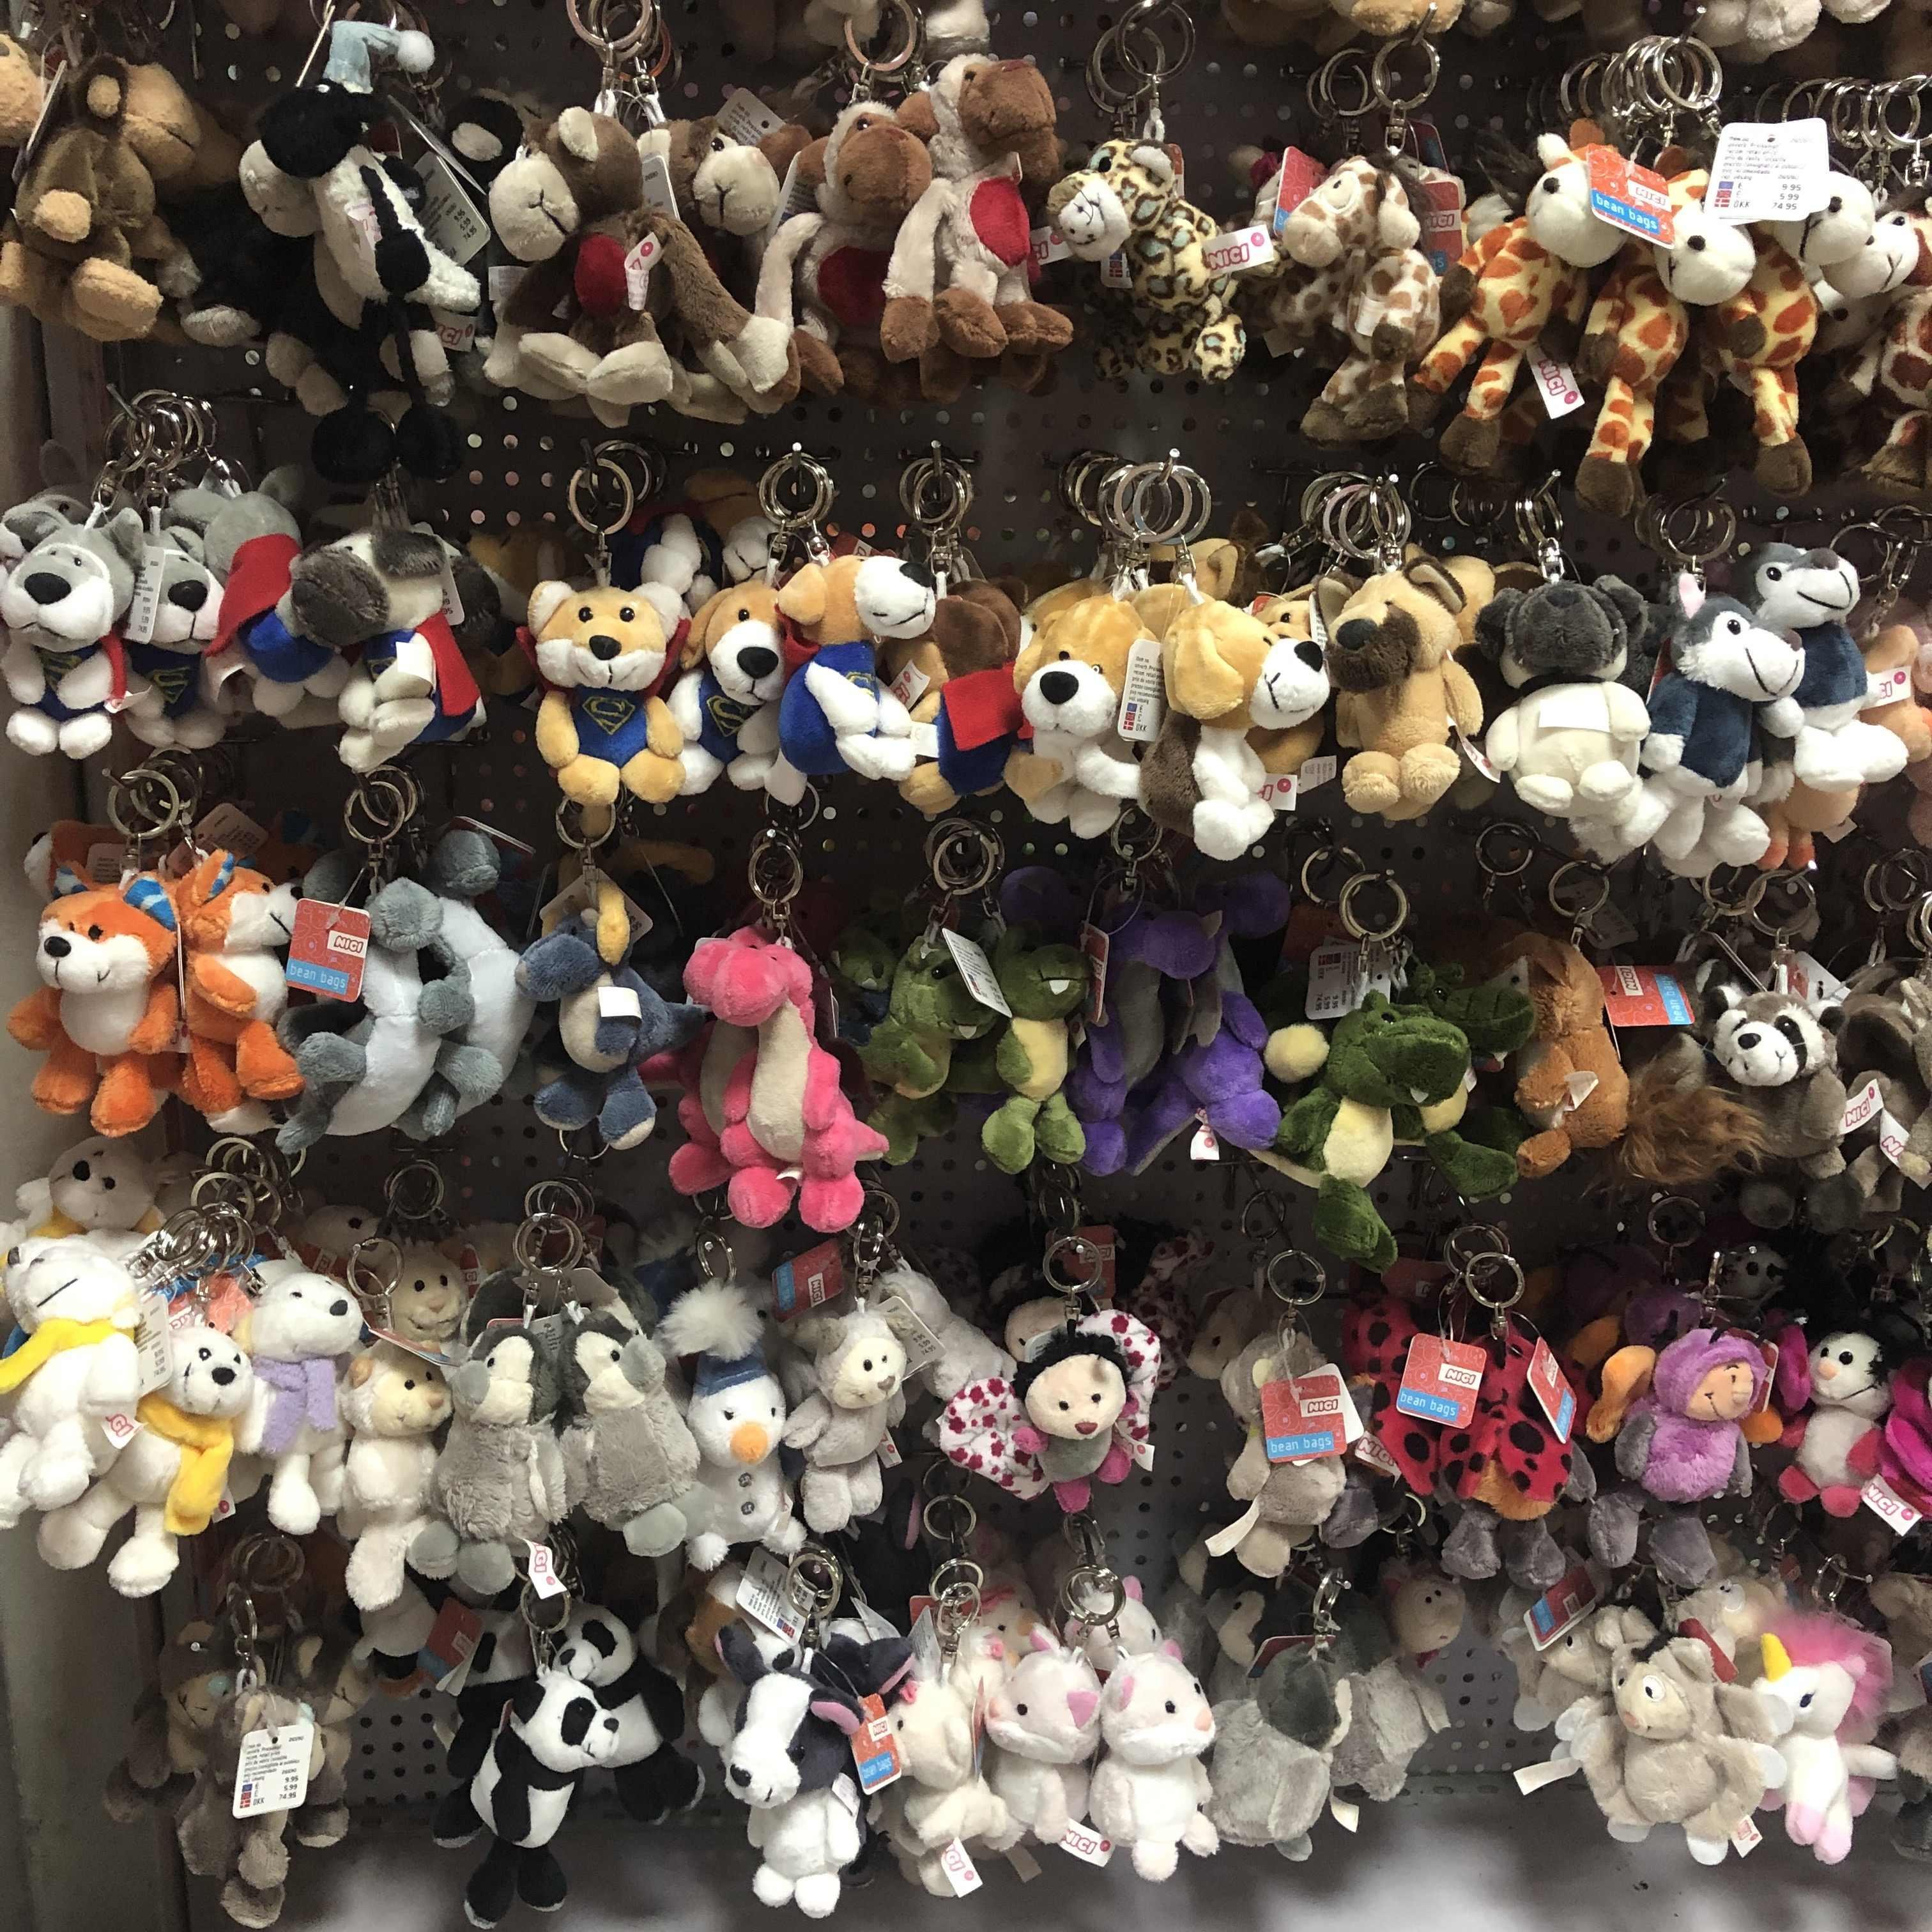 귀여운 만화 곰 코끼리 너구리 원숭이 동물 플러시 장난감 키 체인 배낭 가방 키 체인 상어 공룡 사자 오믈렛 귀여운 선물